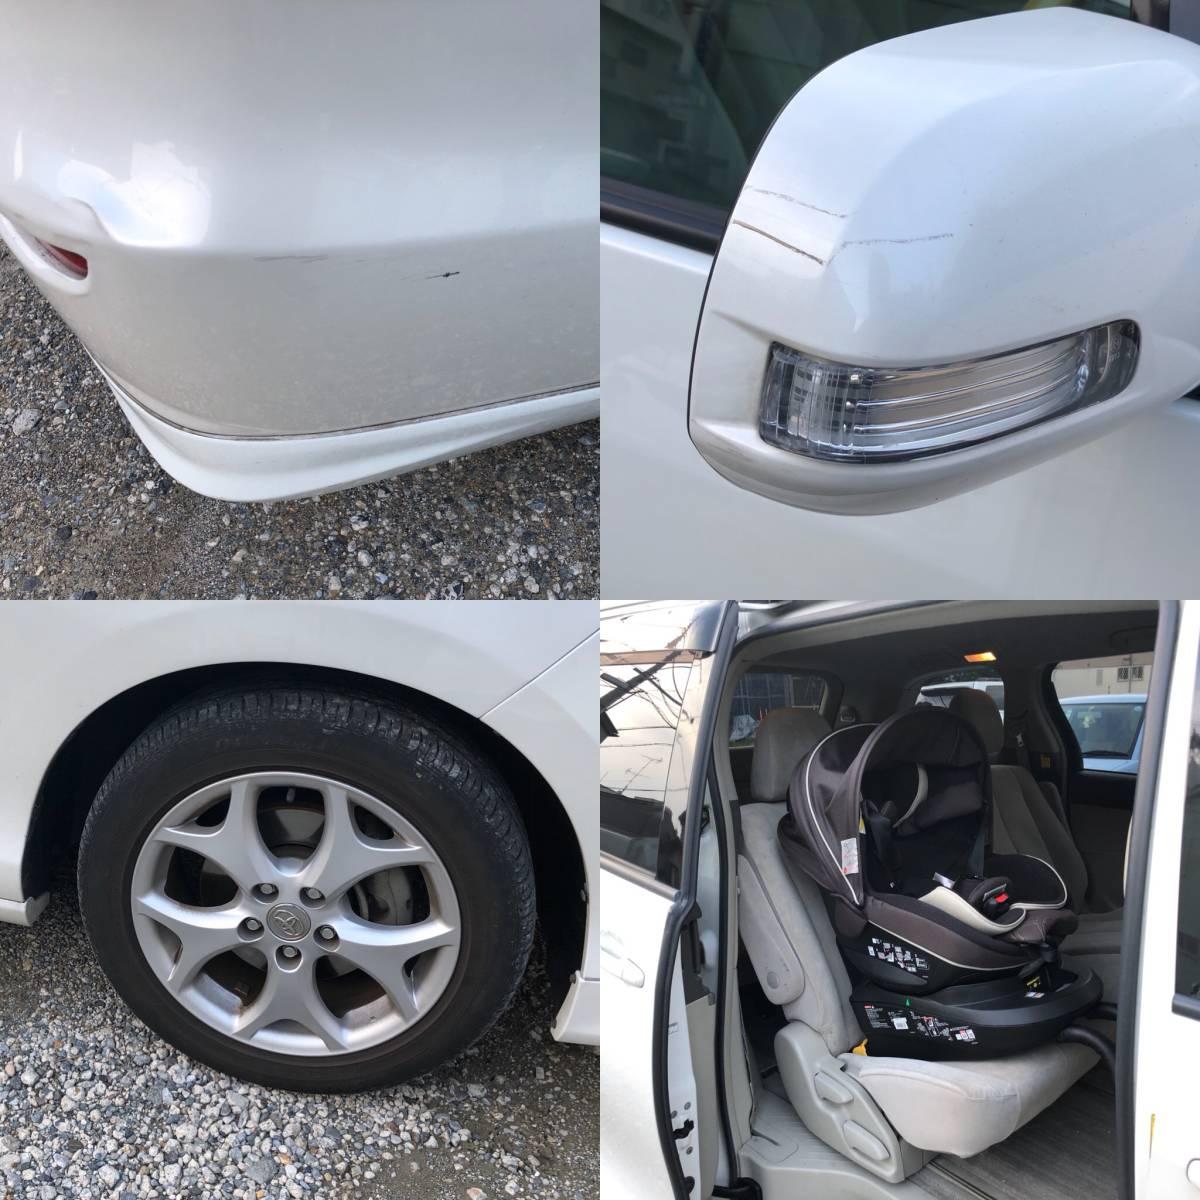 エスティマ グレードG ホワイト 車検ほぼ2年付き 両側パワースライドドア_画像6